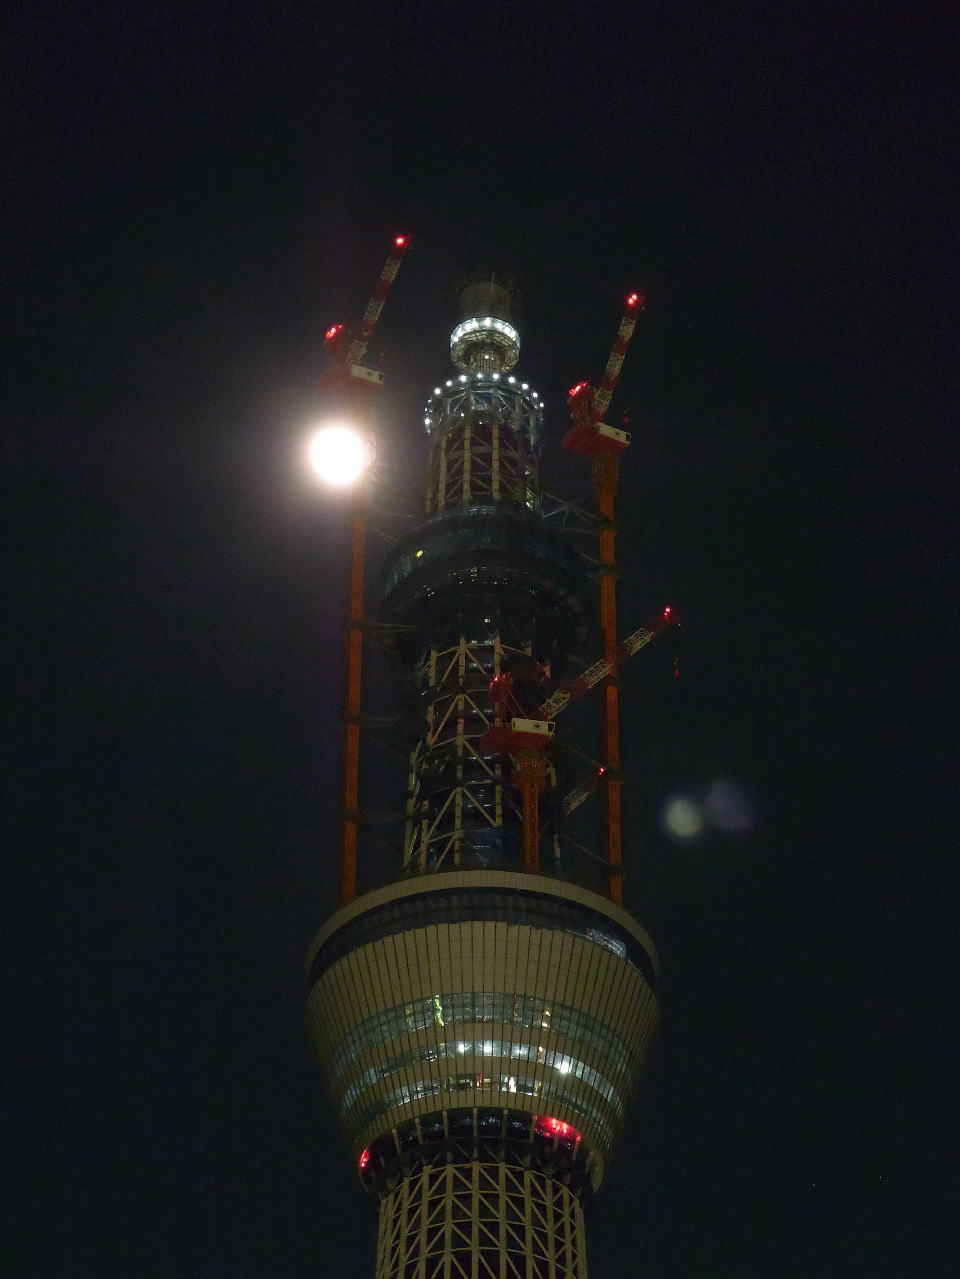 タワークレーン後方を通過し始めた月